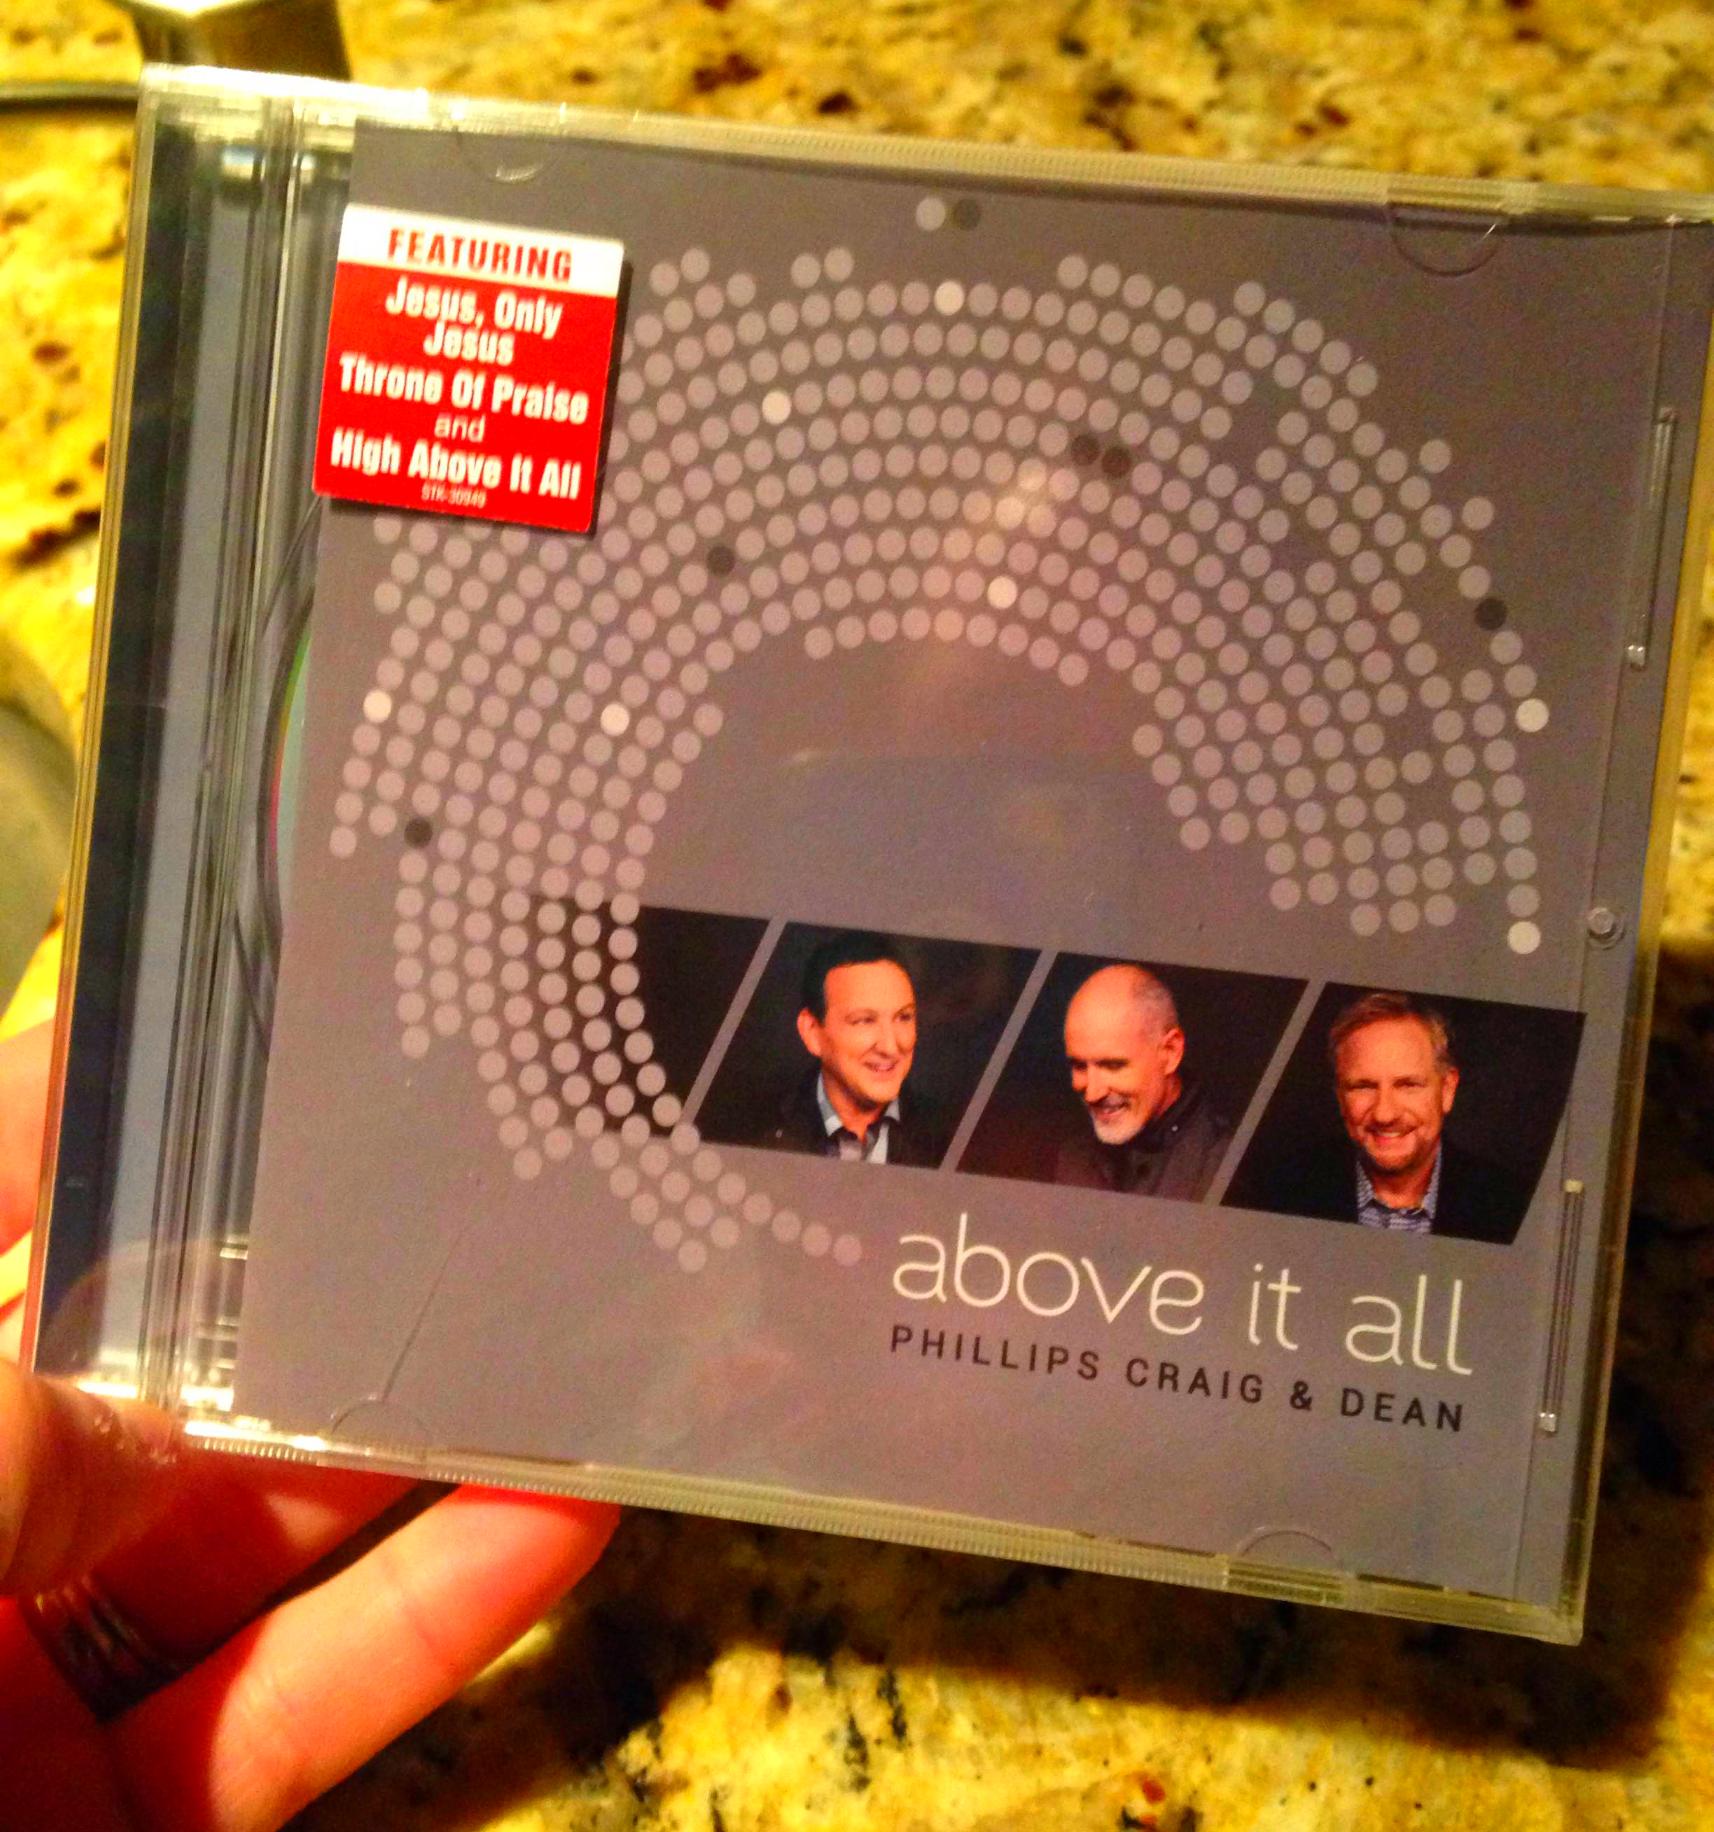 My cd